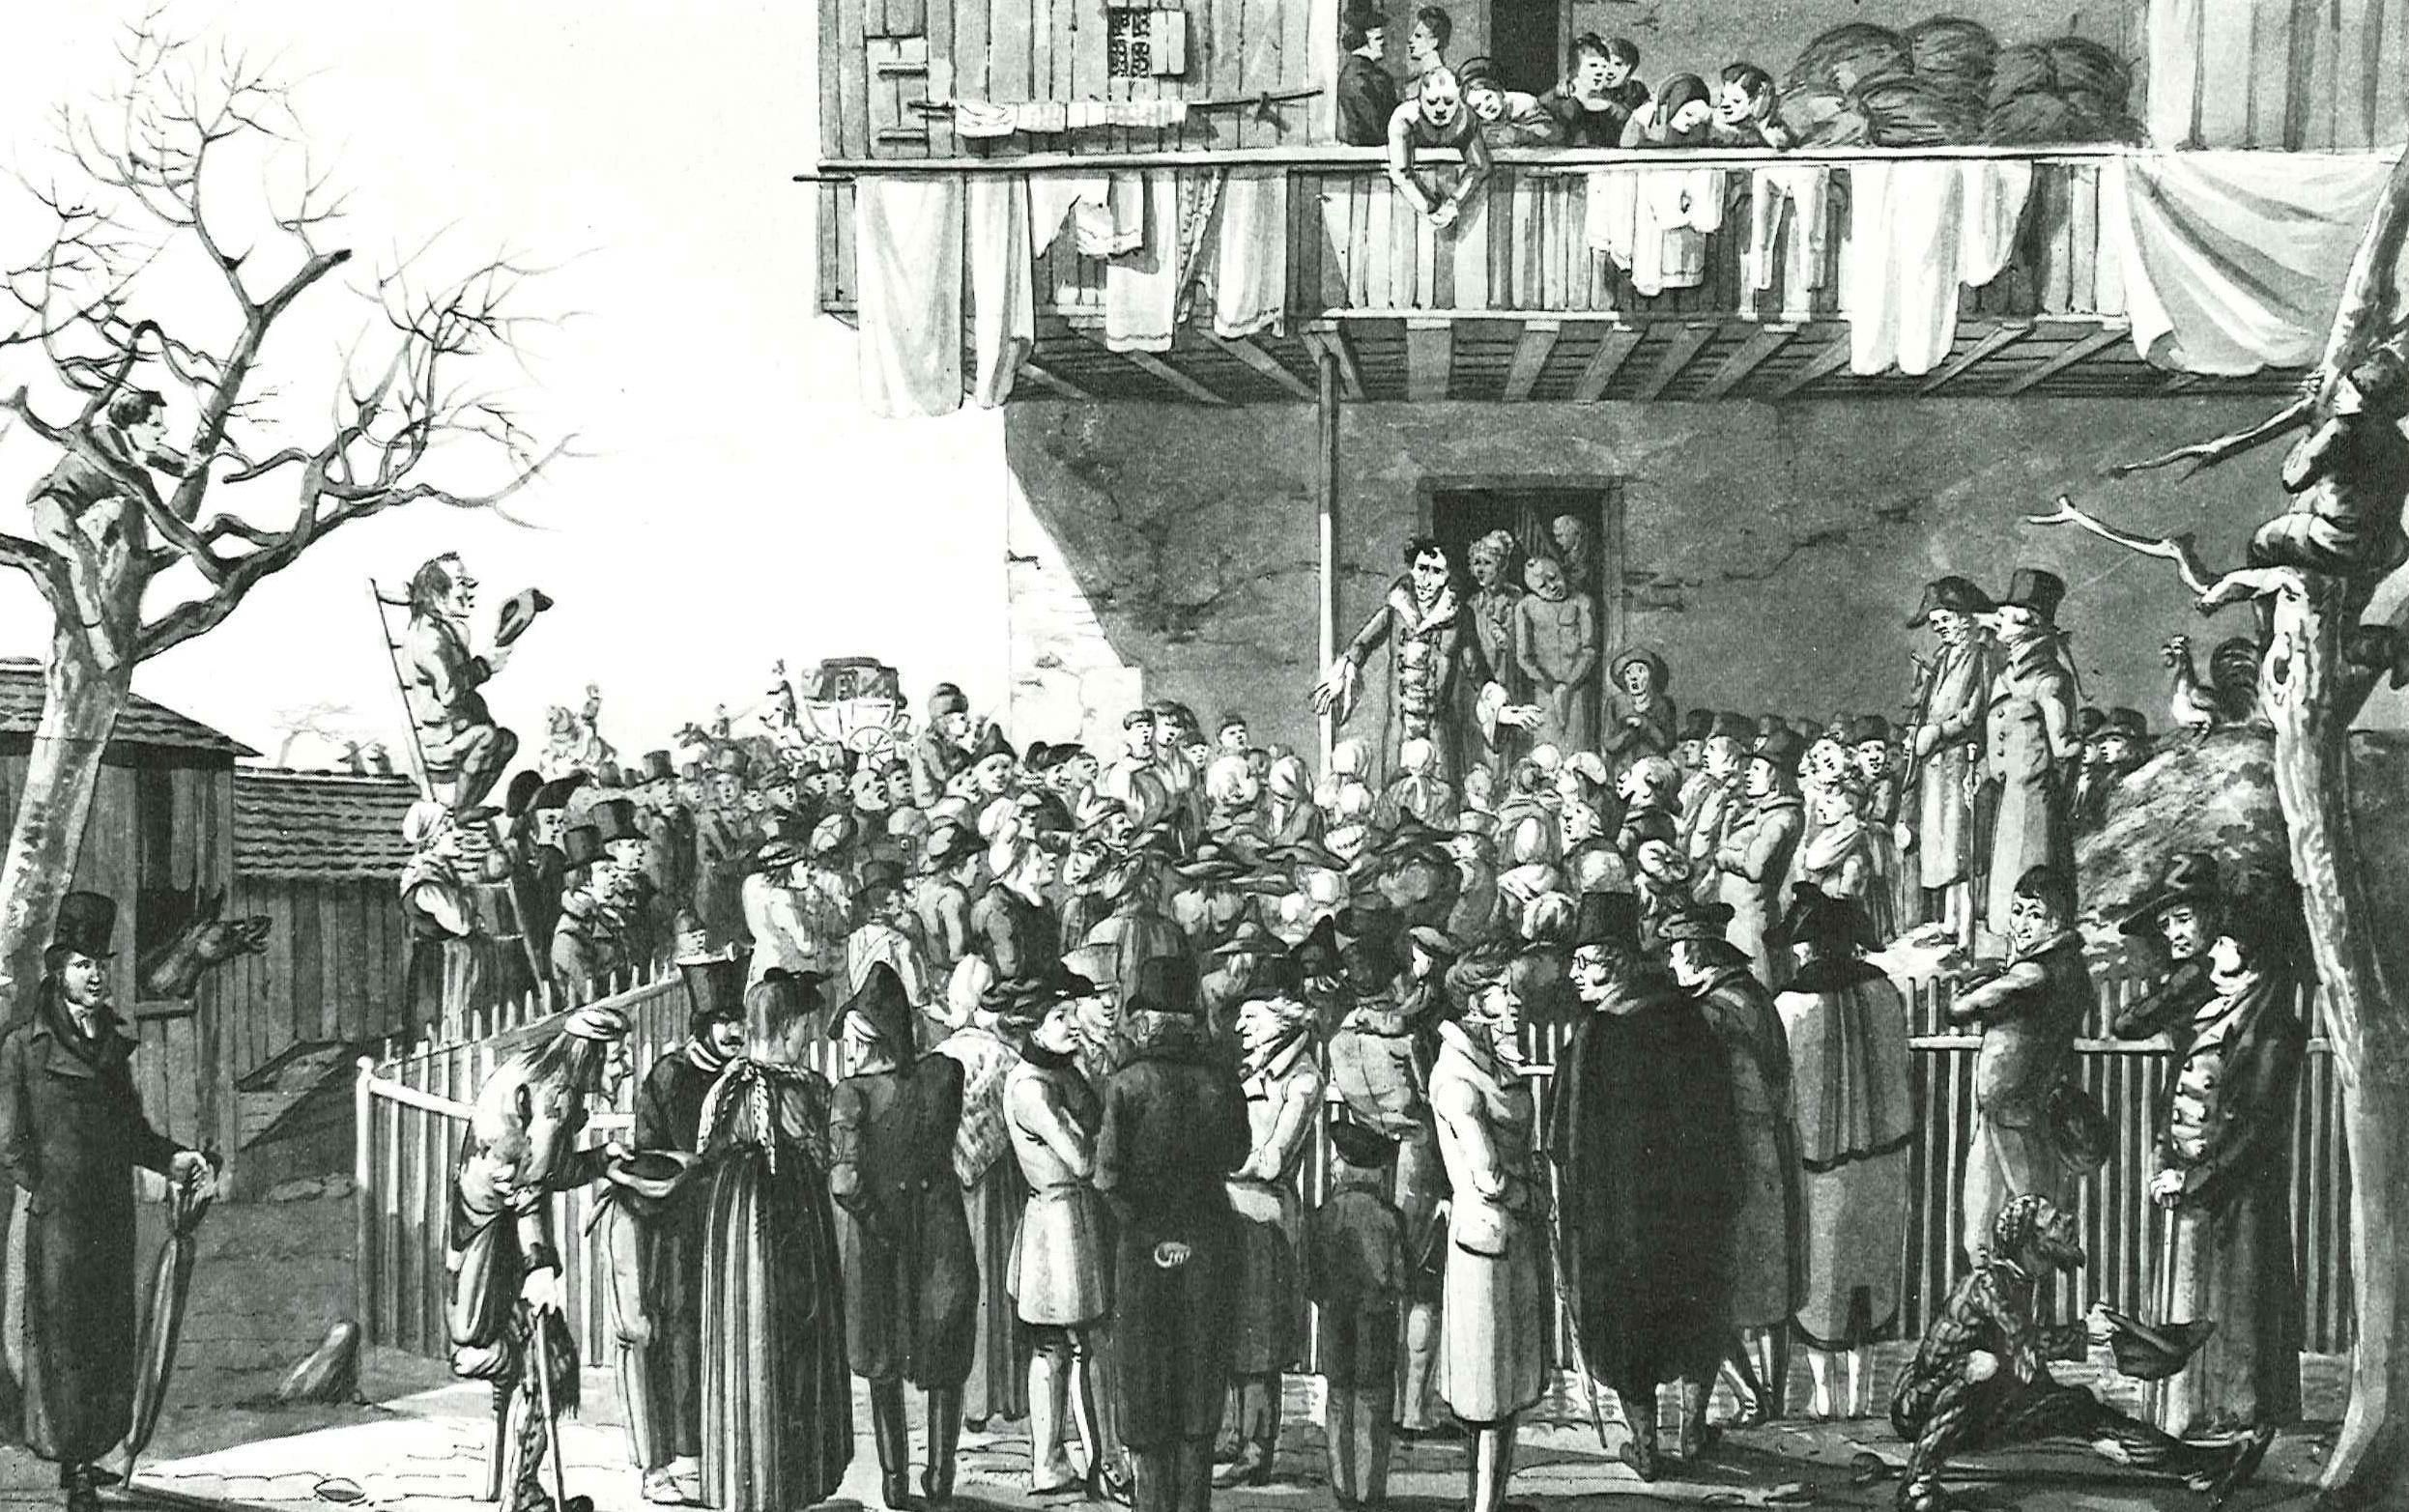 File:Krüdener Grenzach 1817.jpg